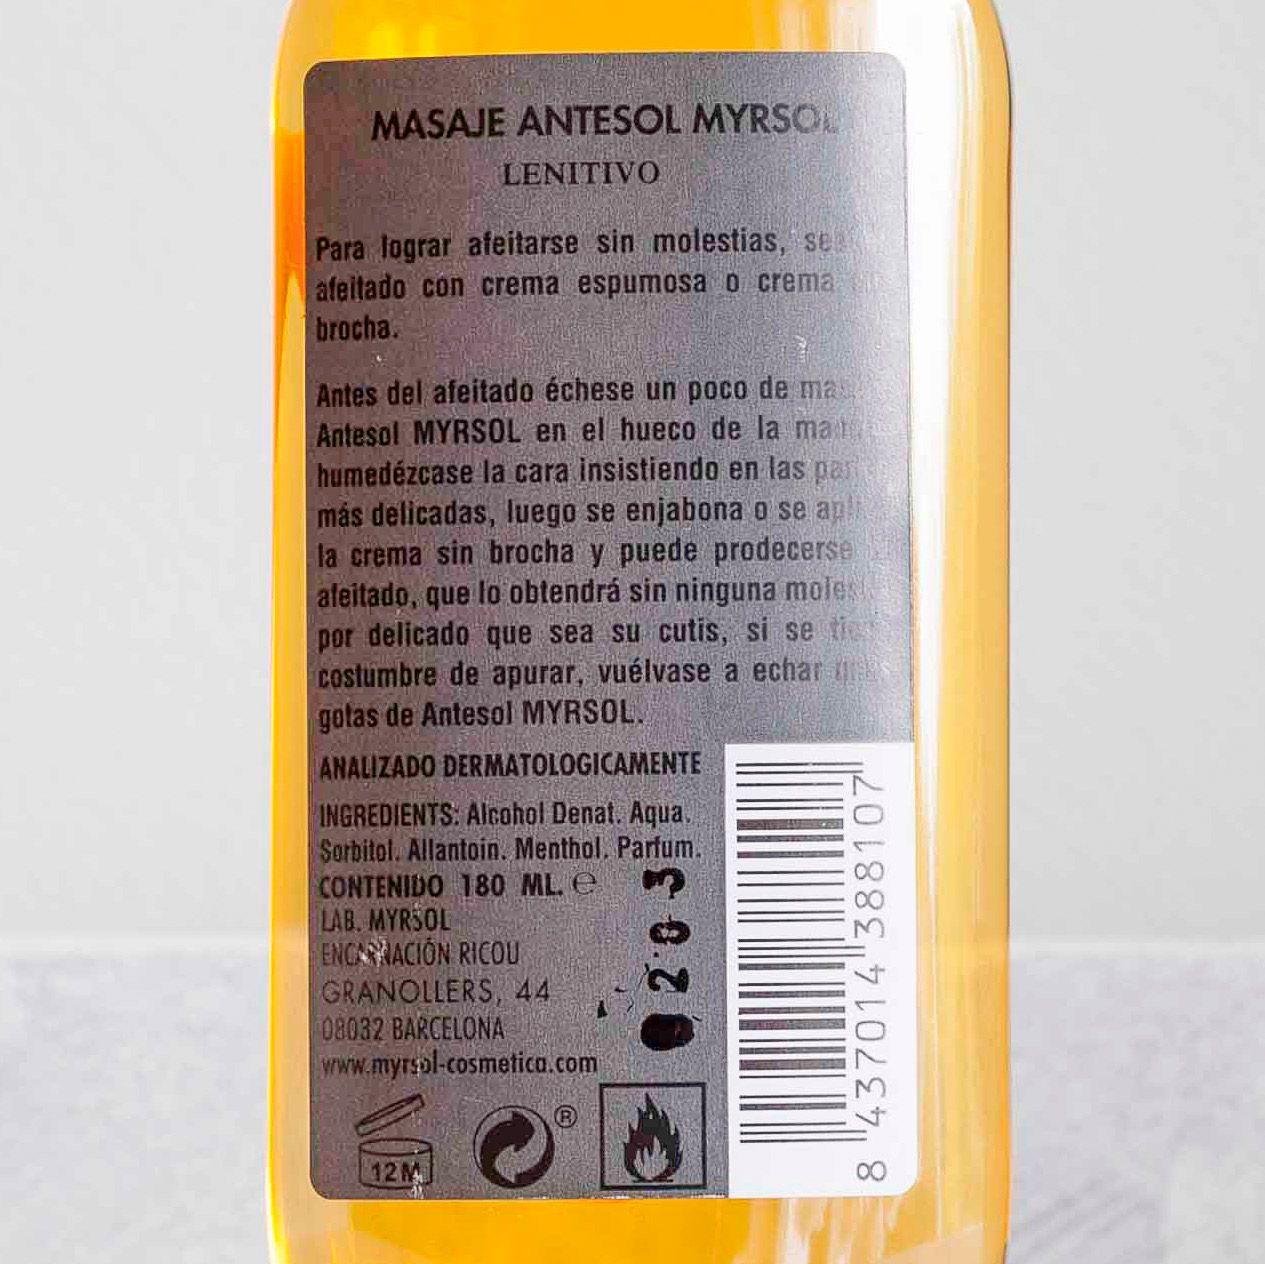 Skład Myrsol Antesol (INCI ingedients)